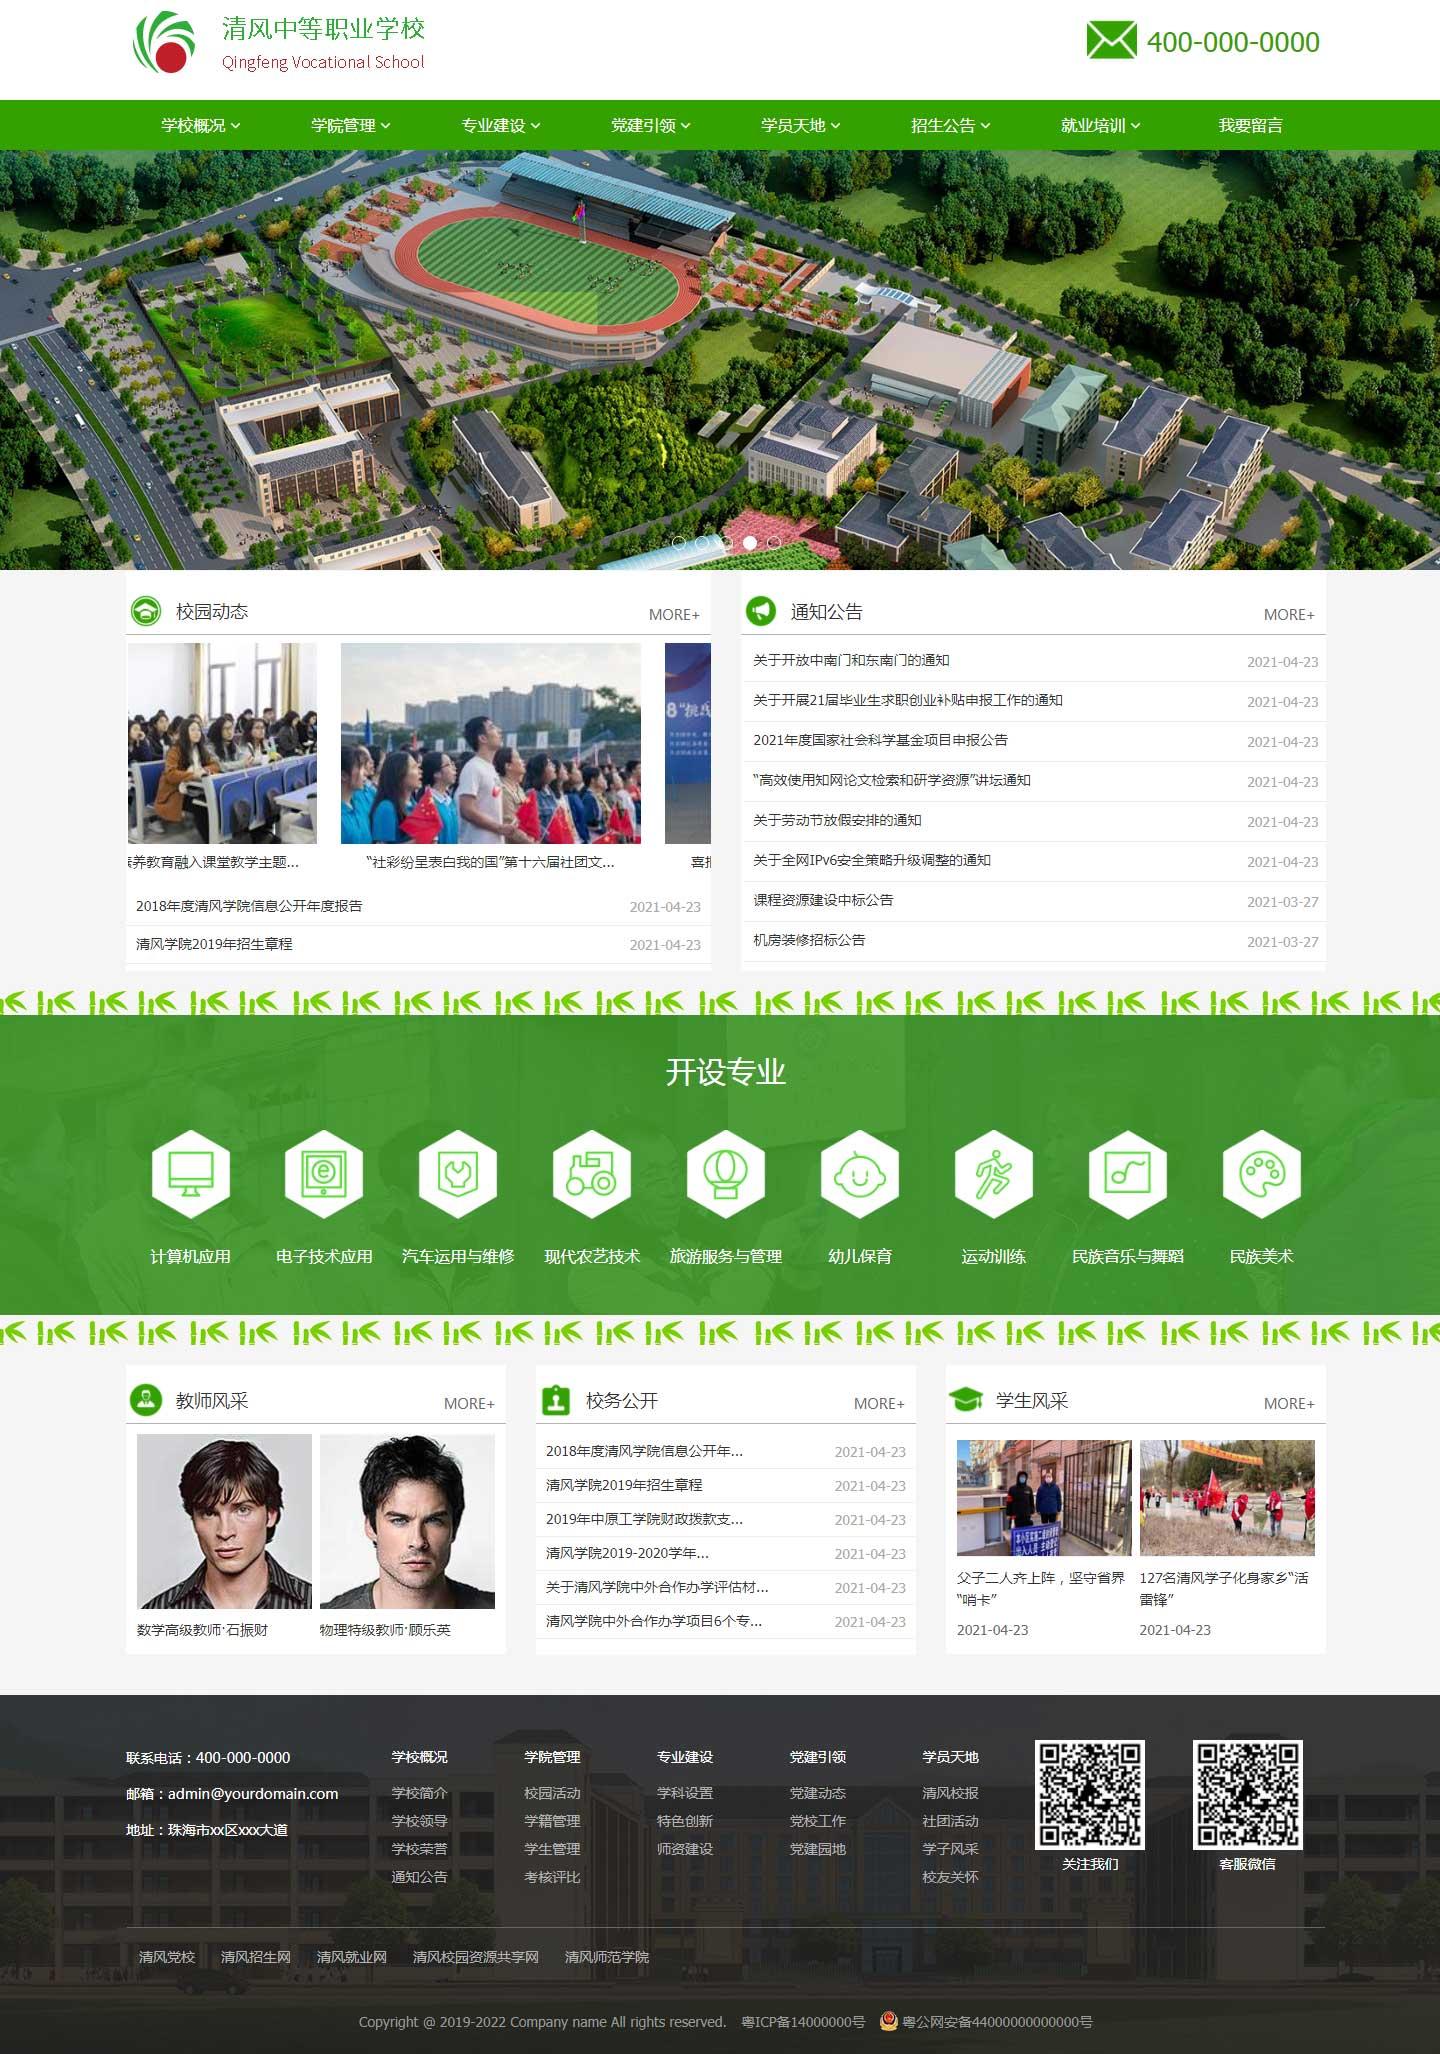 清风中等职业学校展示模板